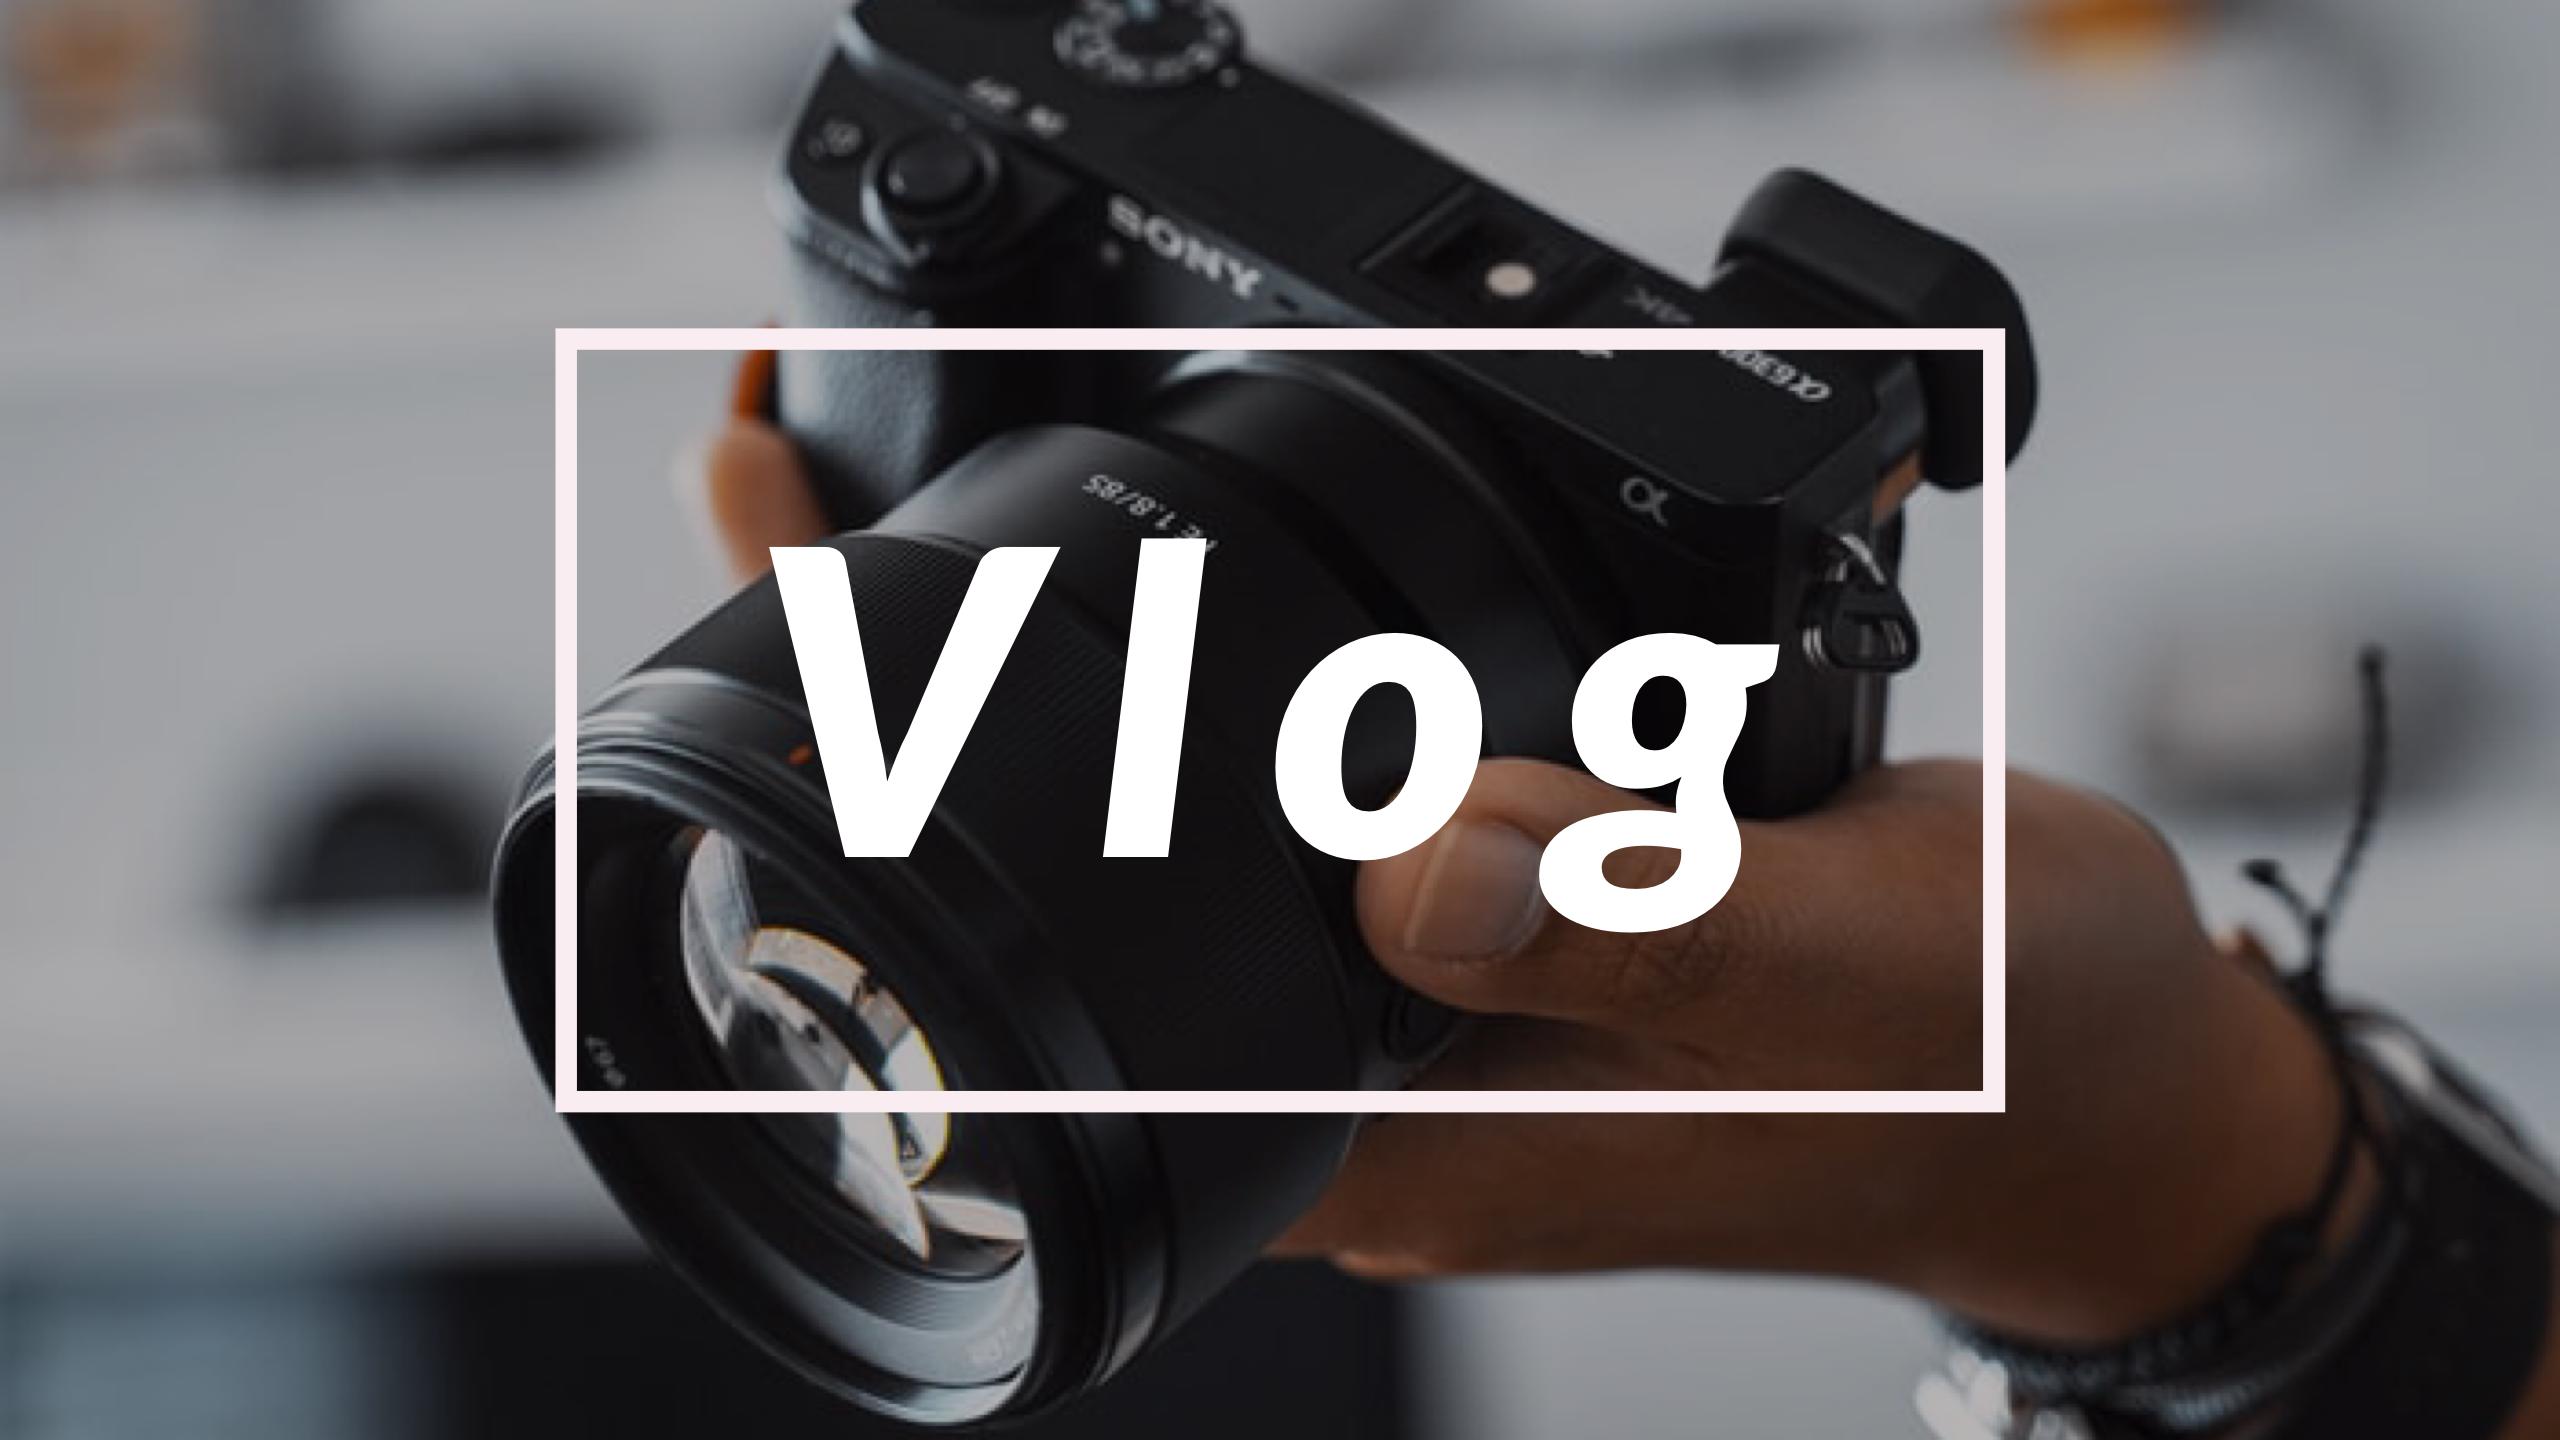 【初心者向け】Vlogの始め方 おすすめの機材やiPhoneで撮った作例もご紹介